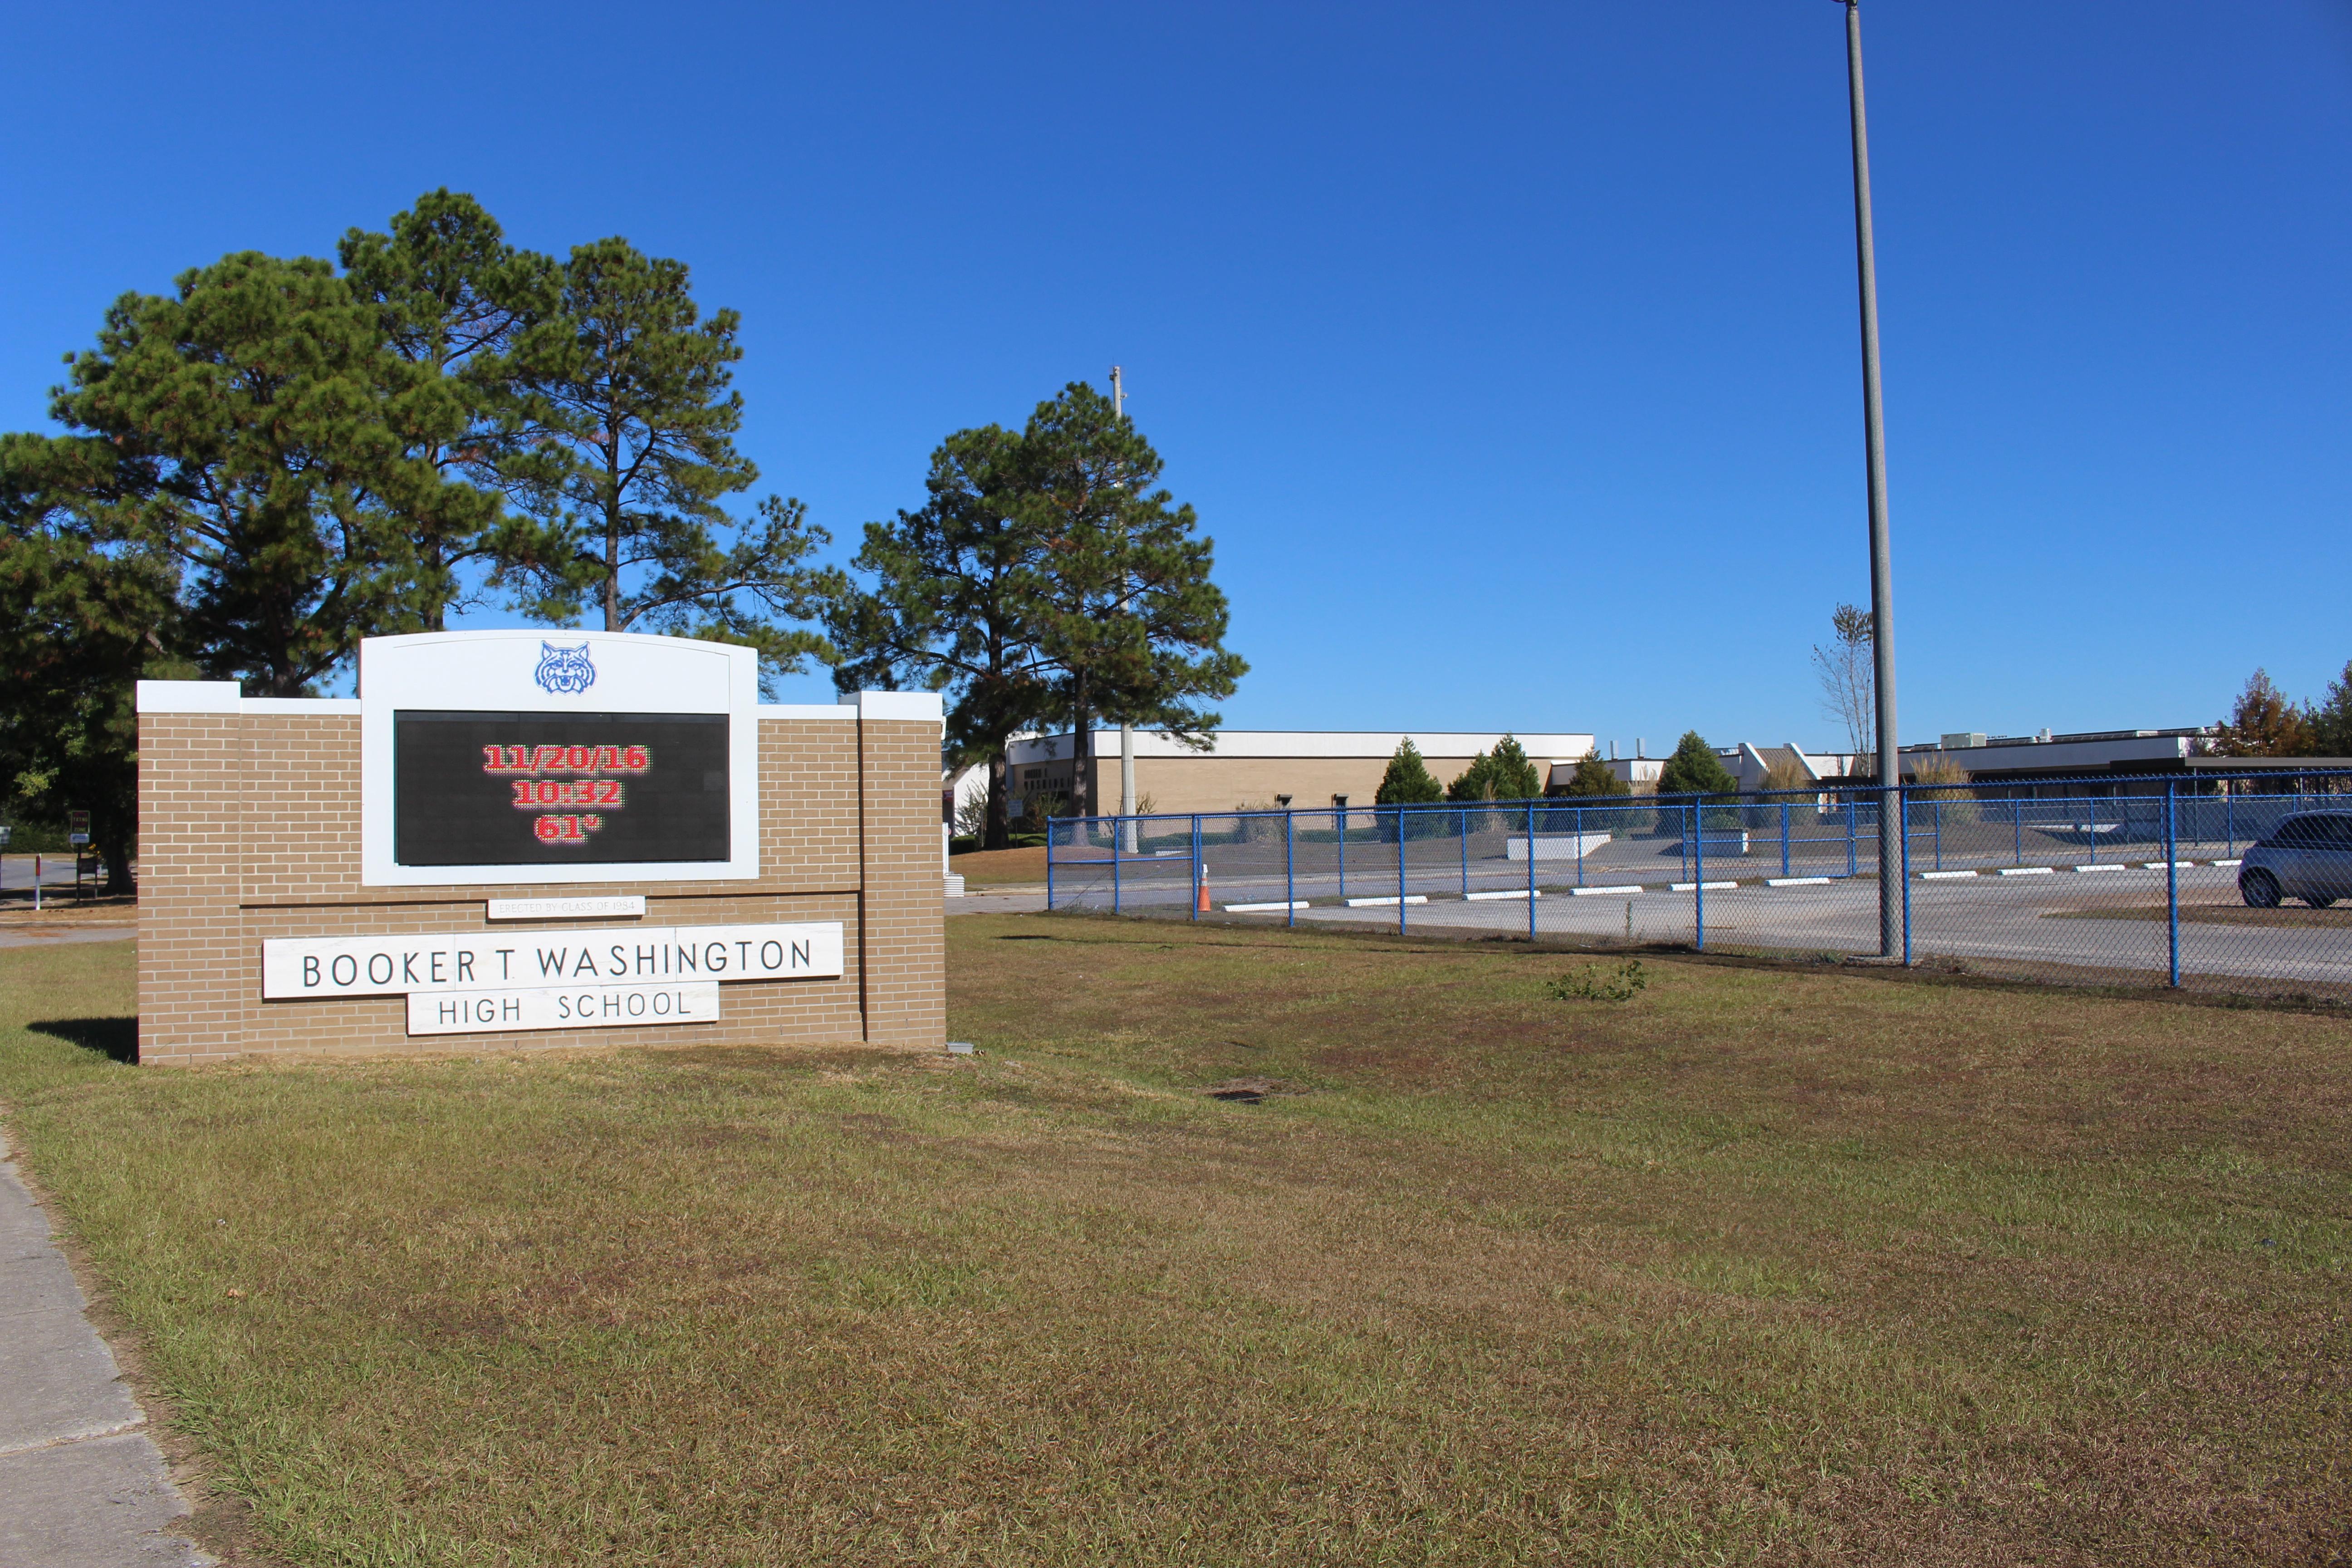 Booker T Washington High School Pensacola Florida